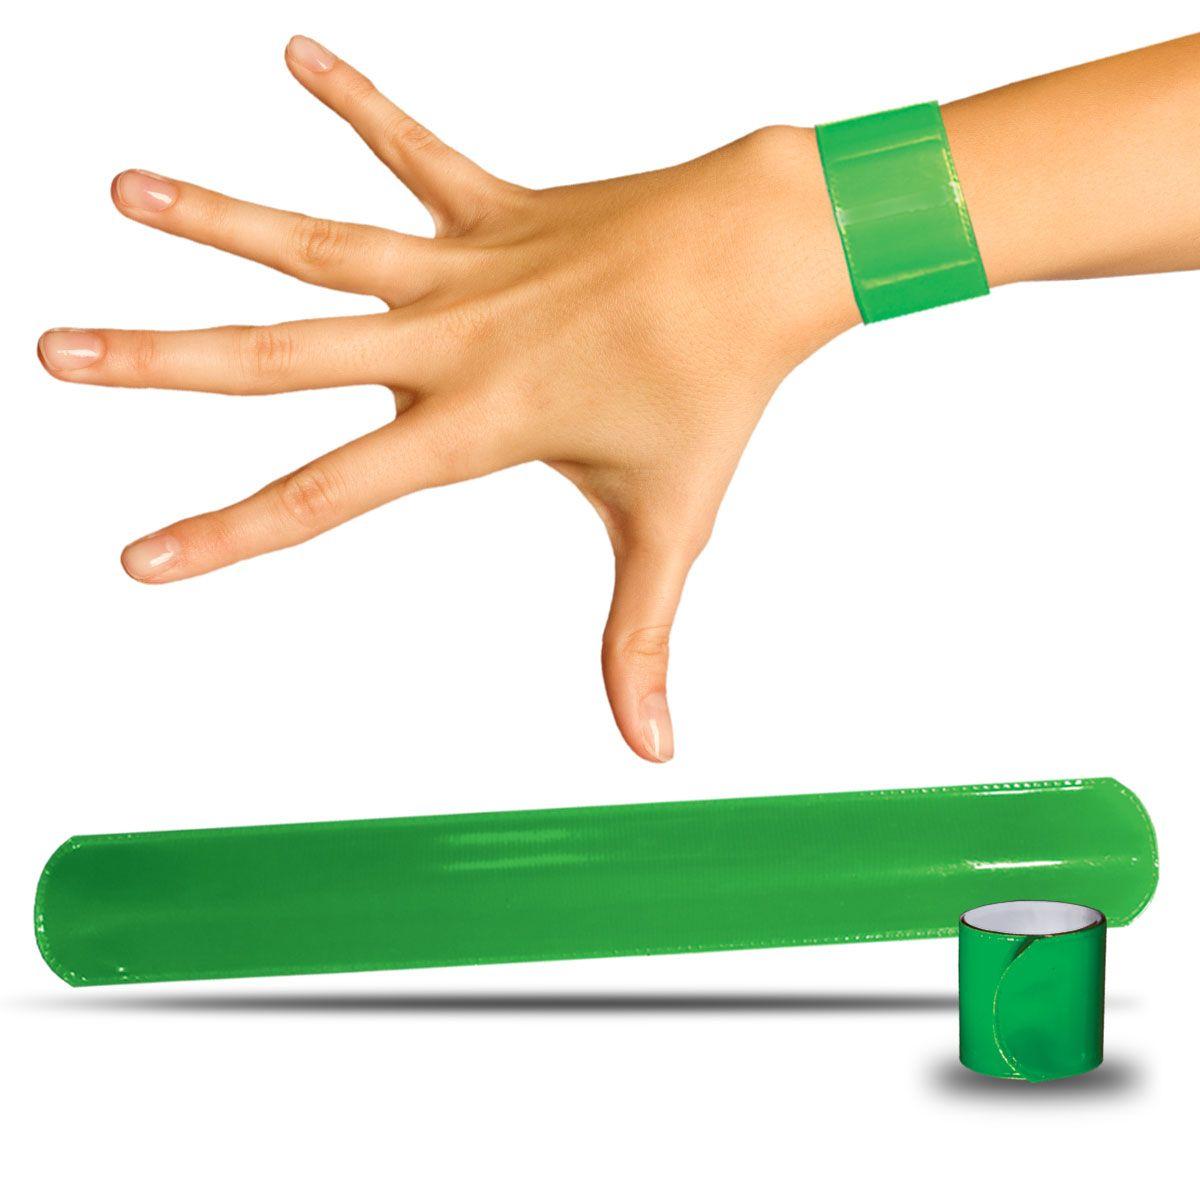 Green Slap Bracelets - 12 Pack JLR190DZ